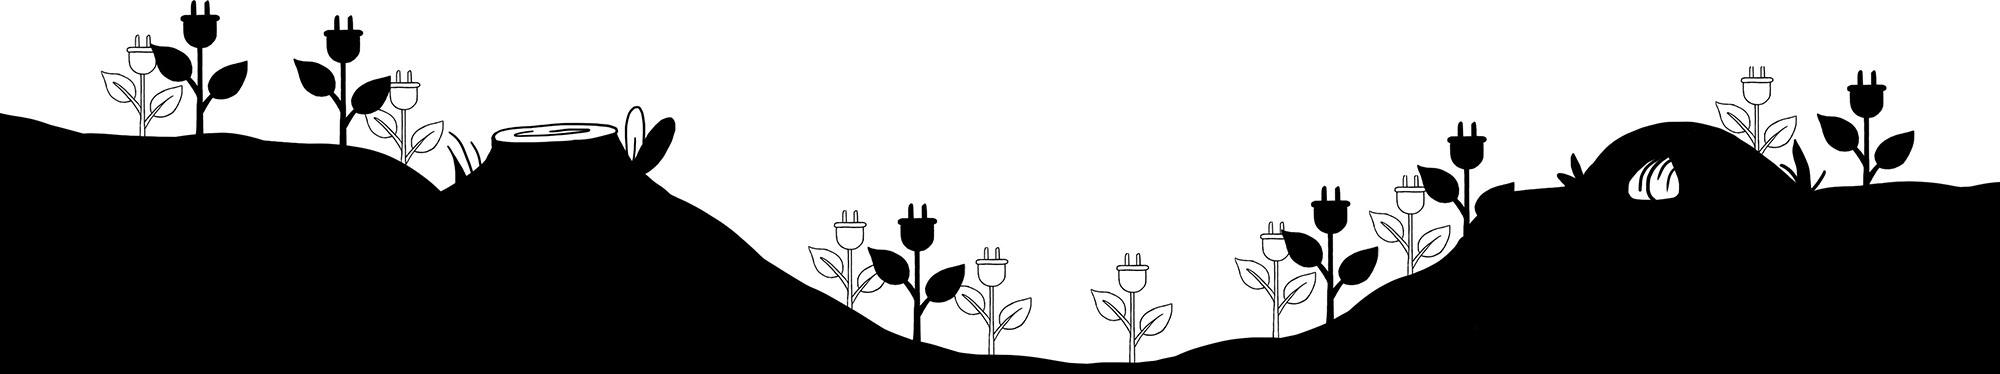 blomster firmet som strøm stik